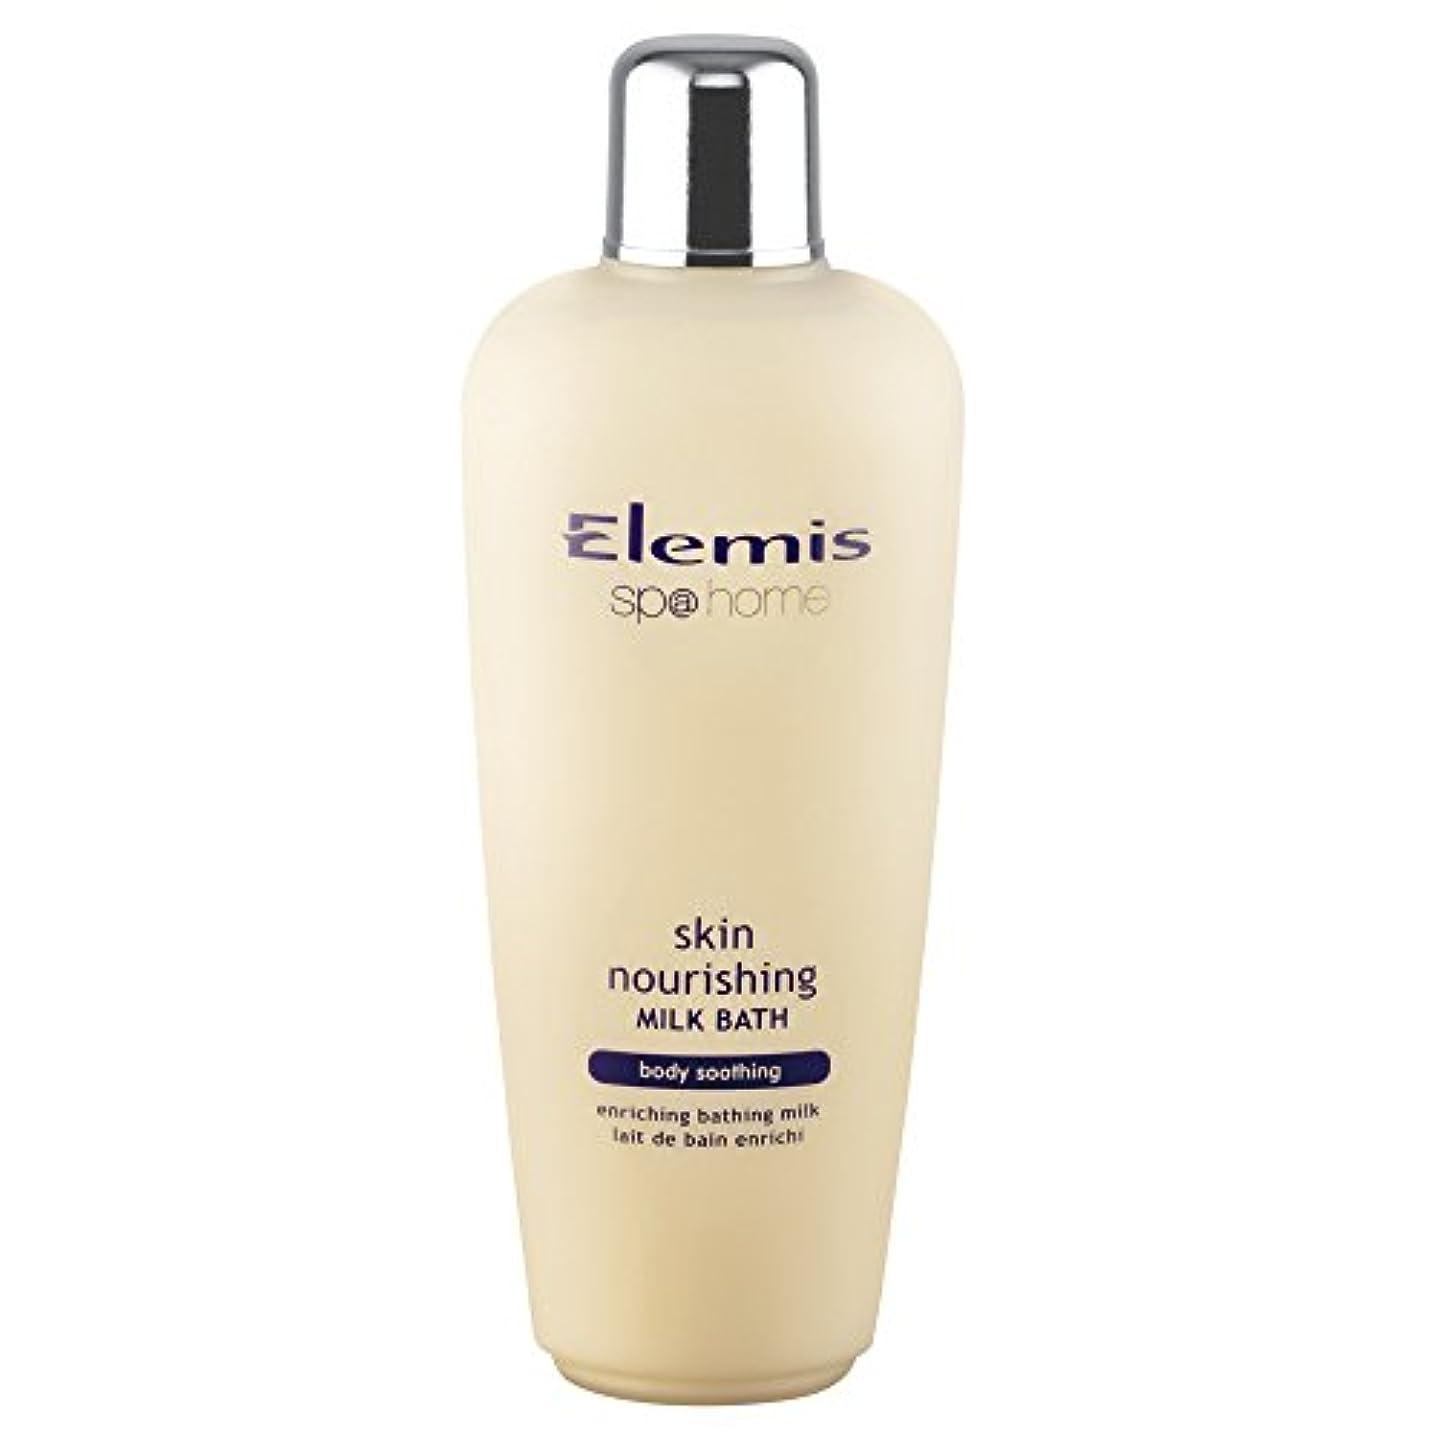 コイン緩む焦がすエレミススキン栄養ミルクバスの400ミリリットル (Elemis) (x2) - Elemis Skin Nourishing Milk Bath 400ml (Pack of 2) [並行輸入品]